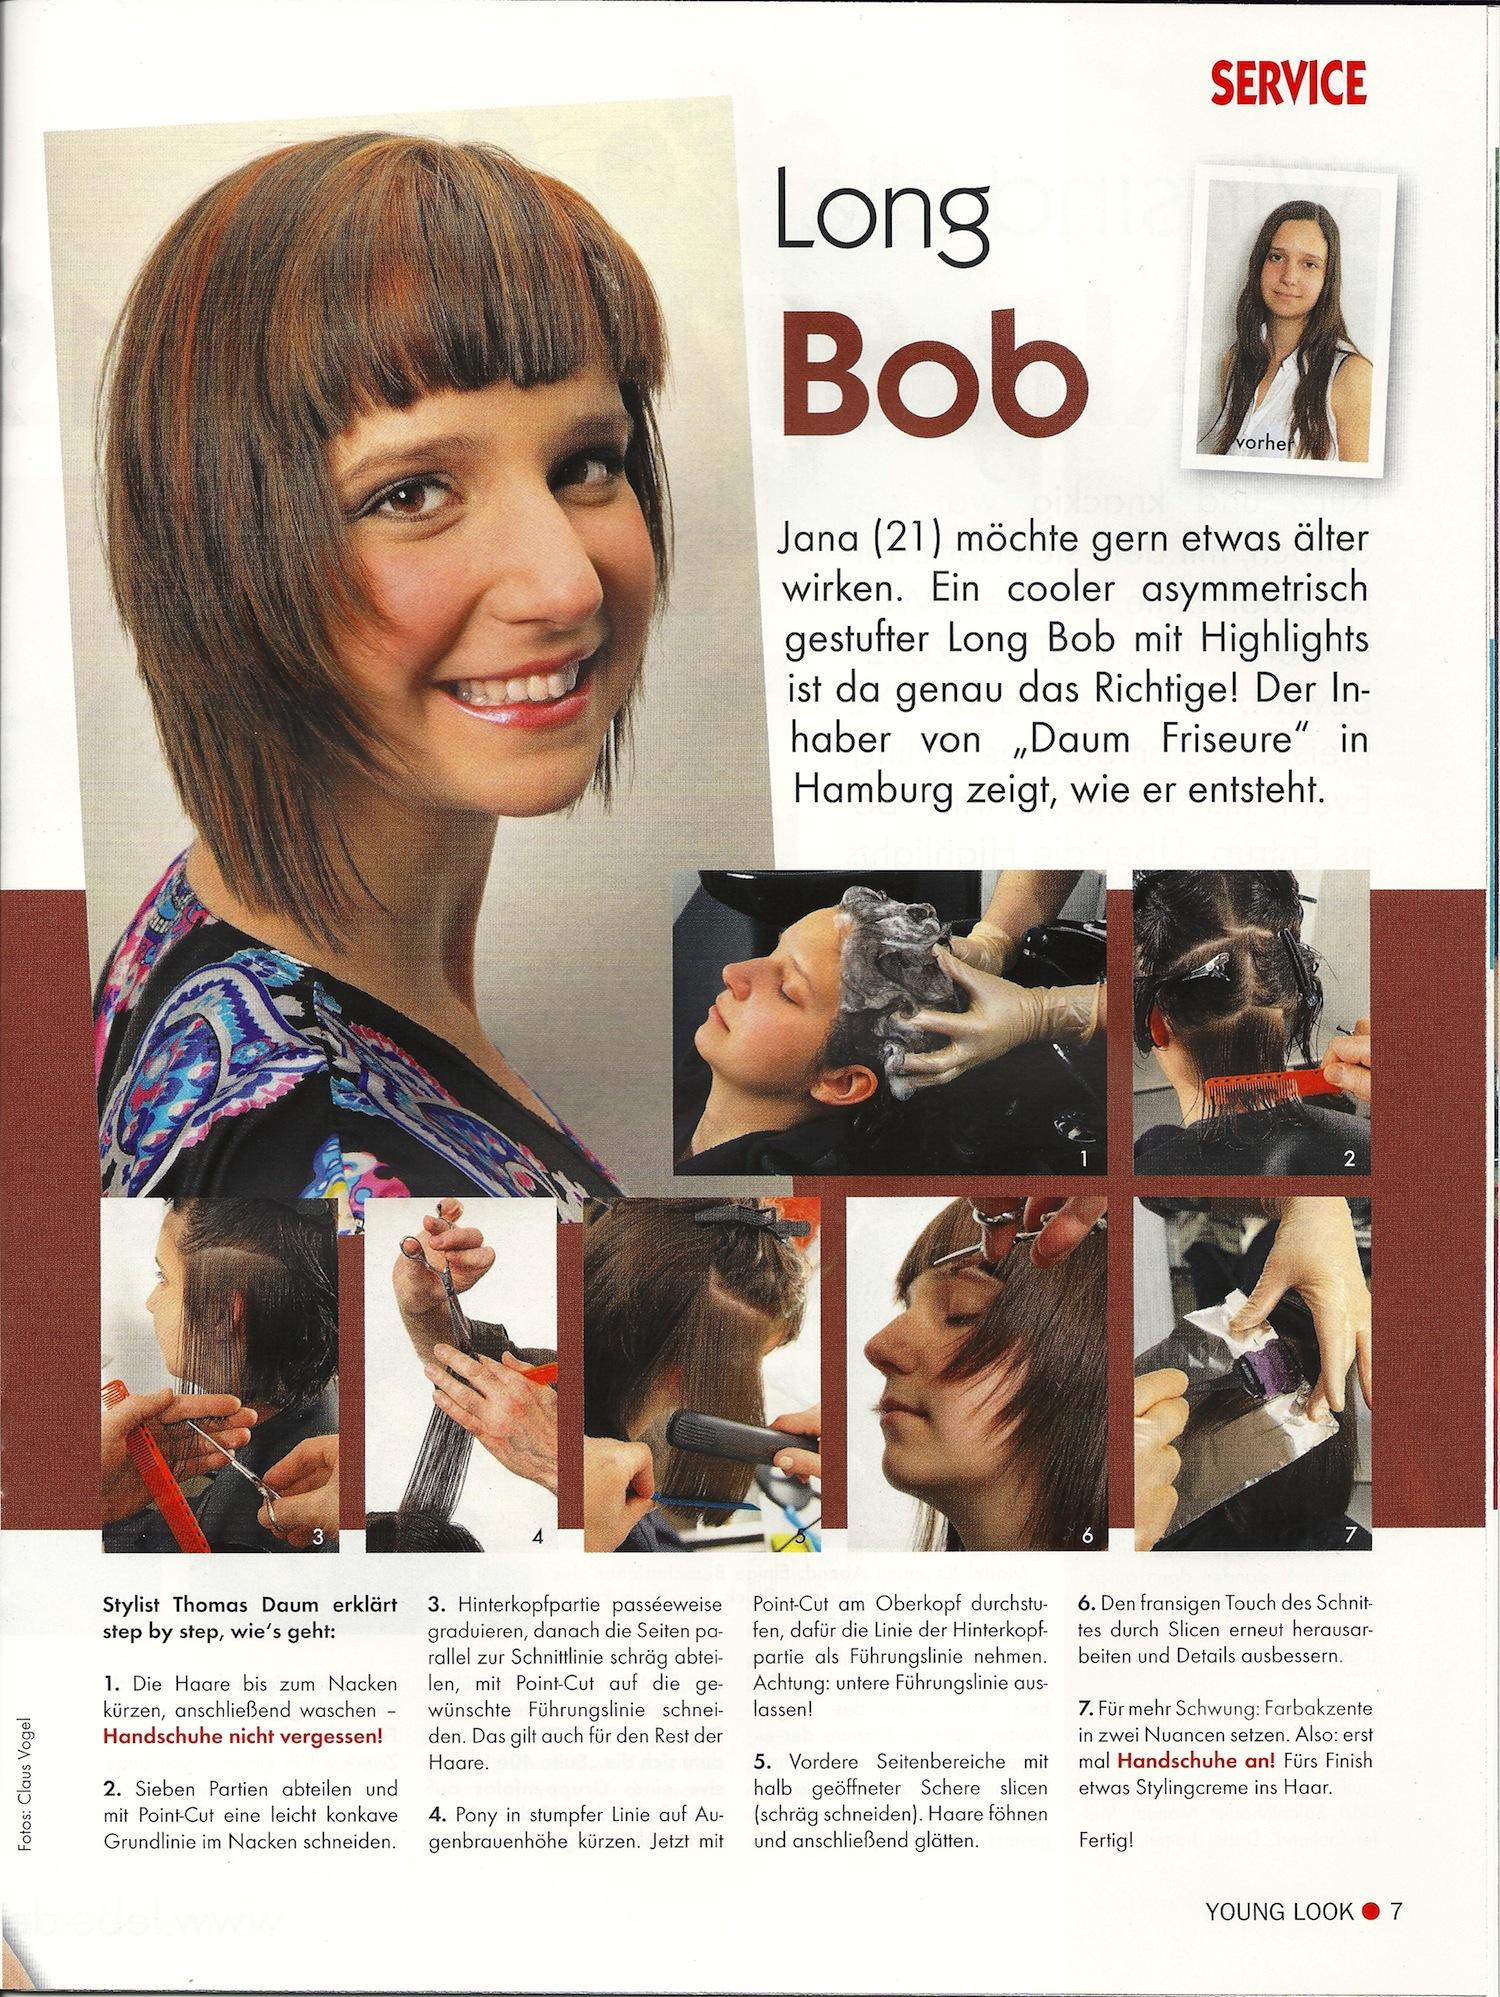 Daum Friseure Für Young Look Mit Long Bob Frisur